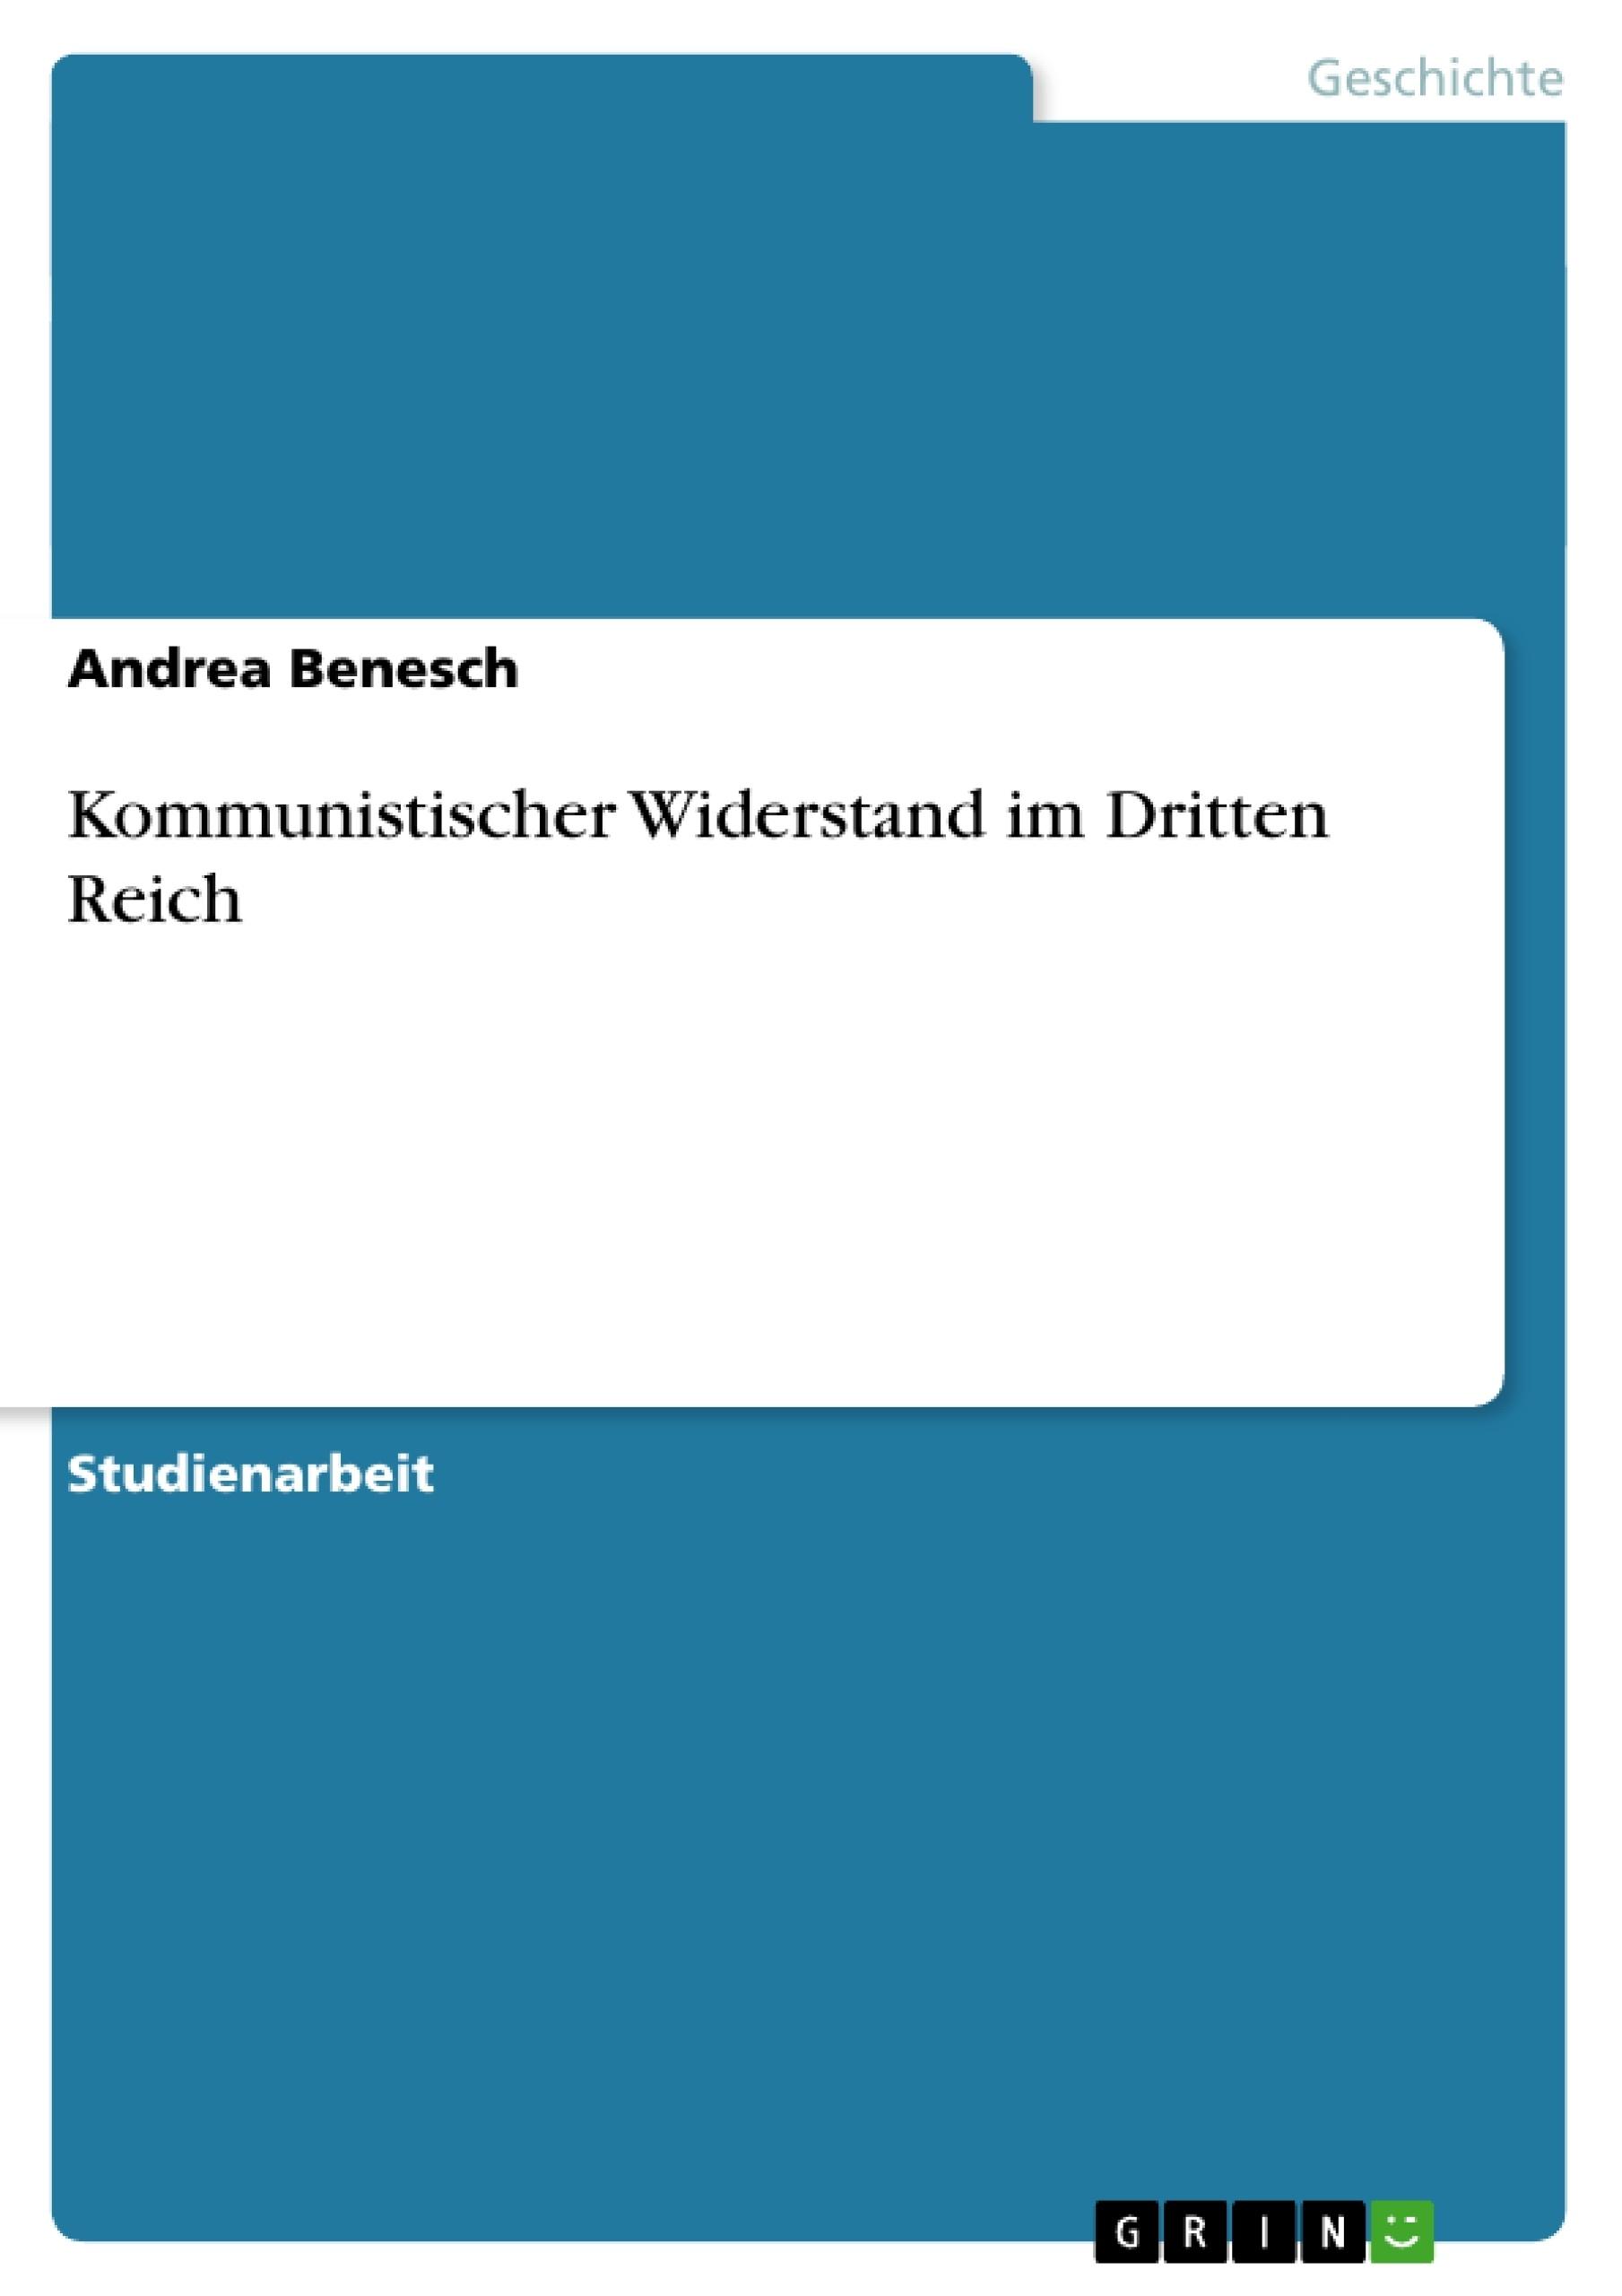 Titel: Kommunistischer Widerstand im Dritten Reich